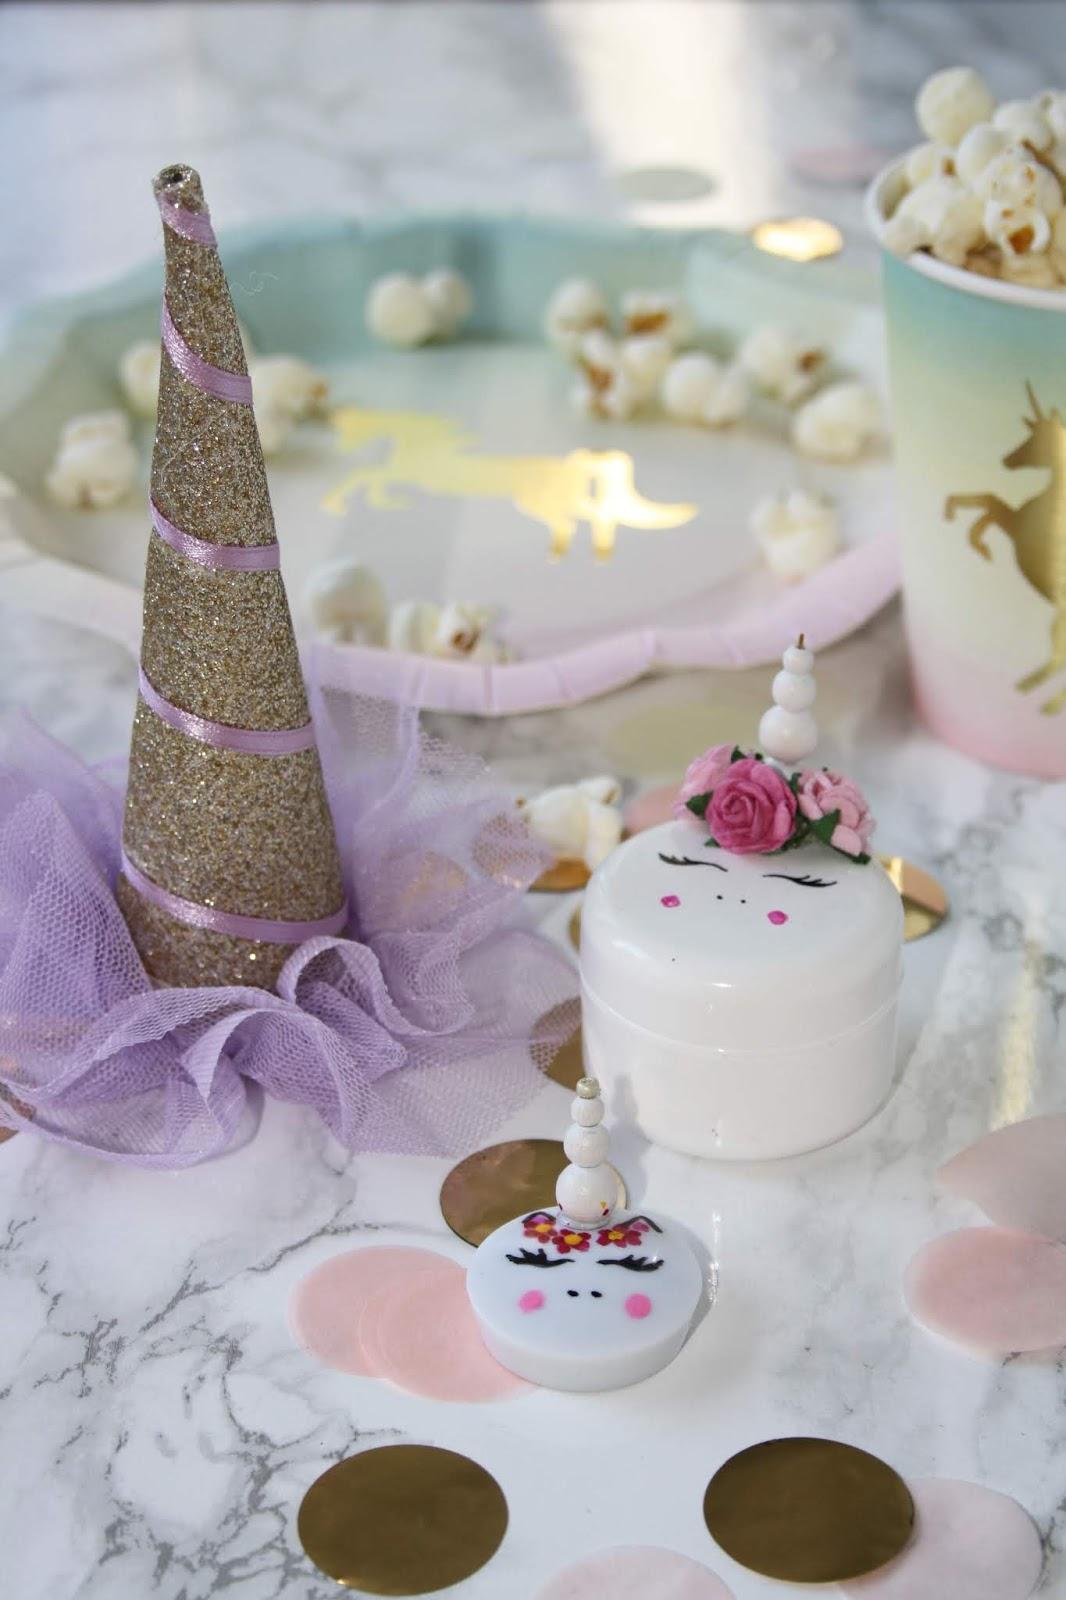 Basteln Malen Kuchen Backen Einhorn Zaubercreme Und Magnet